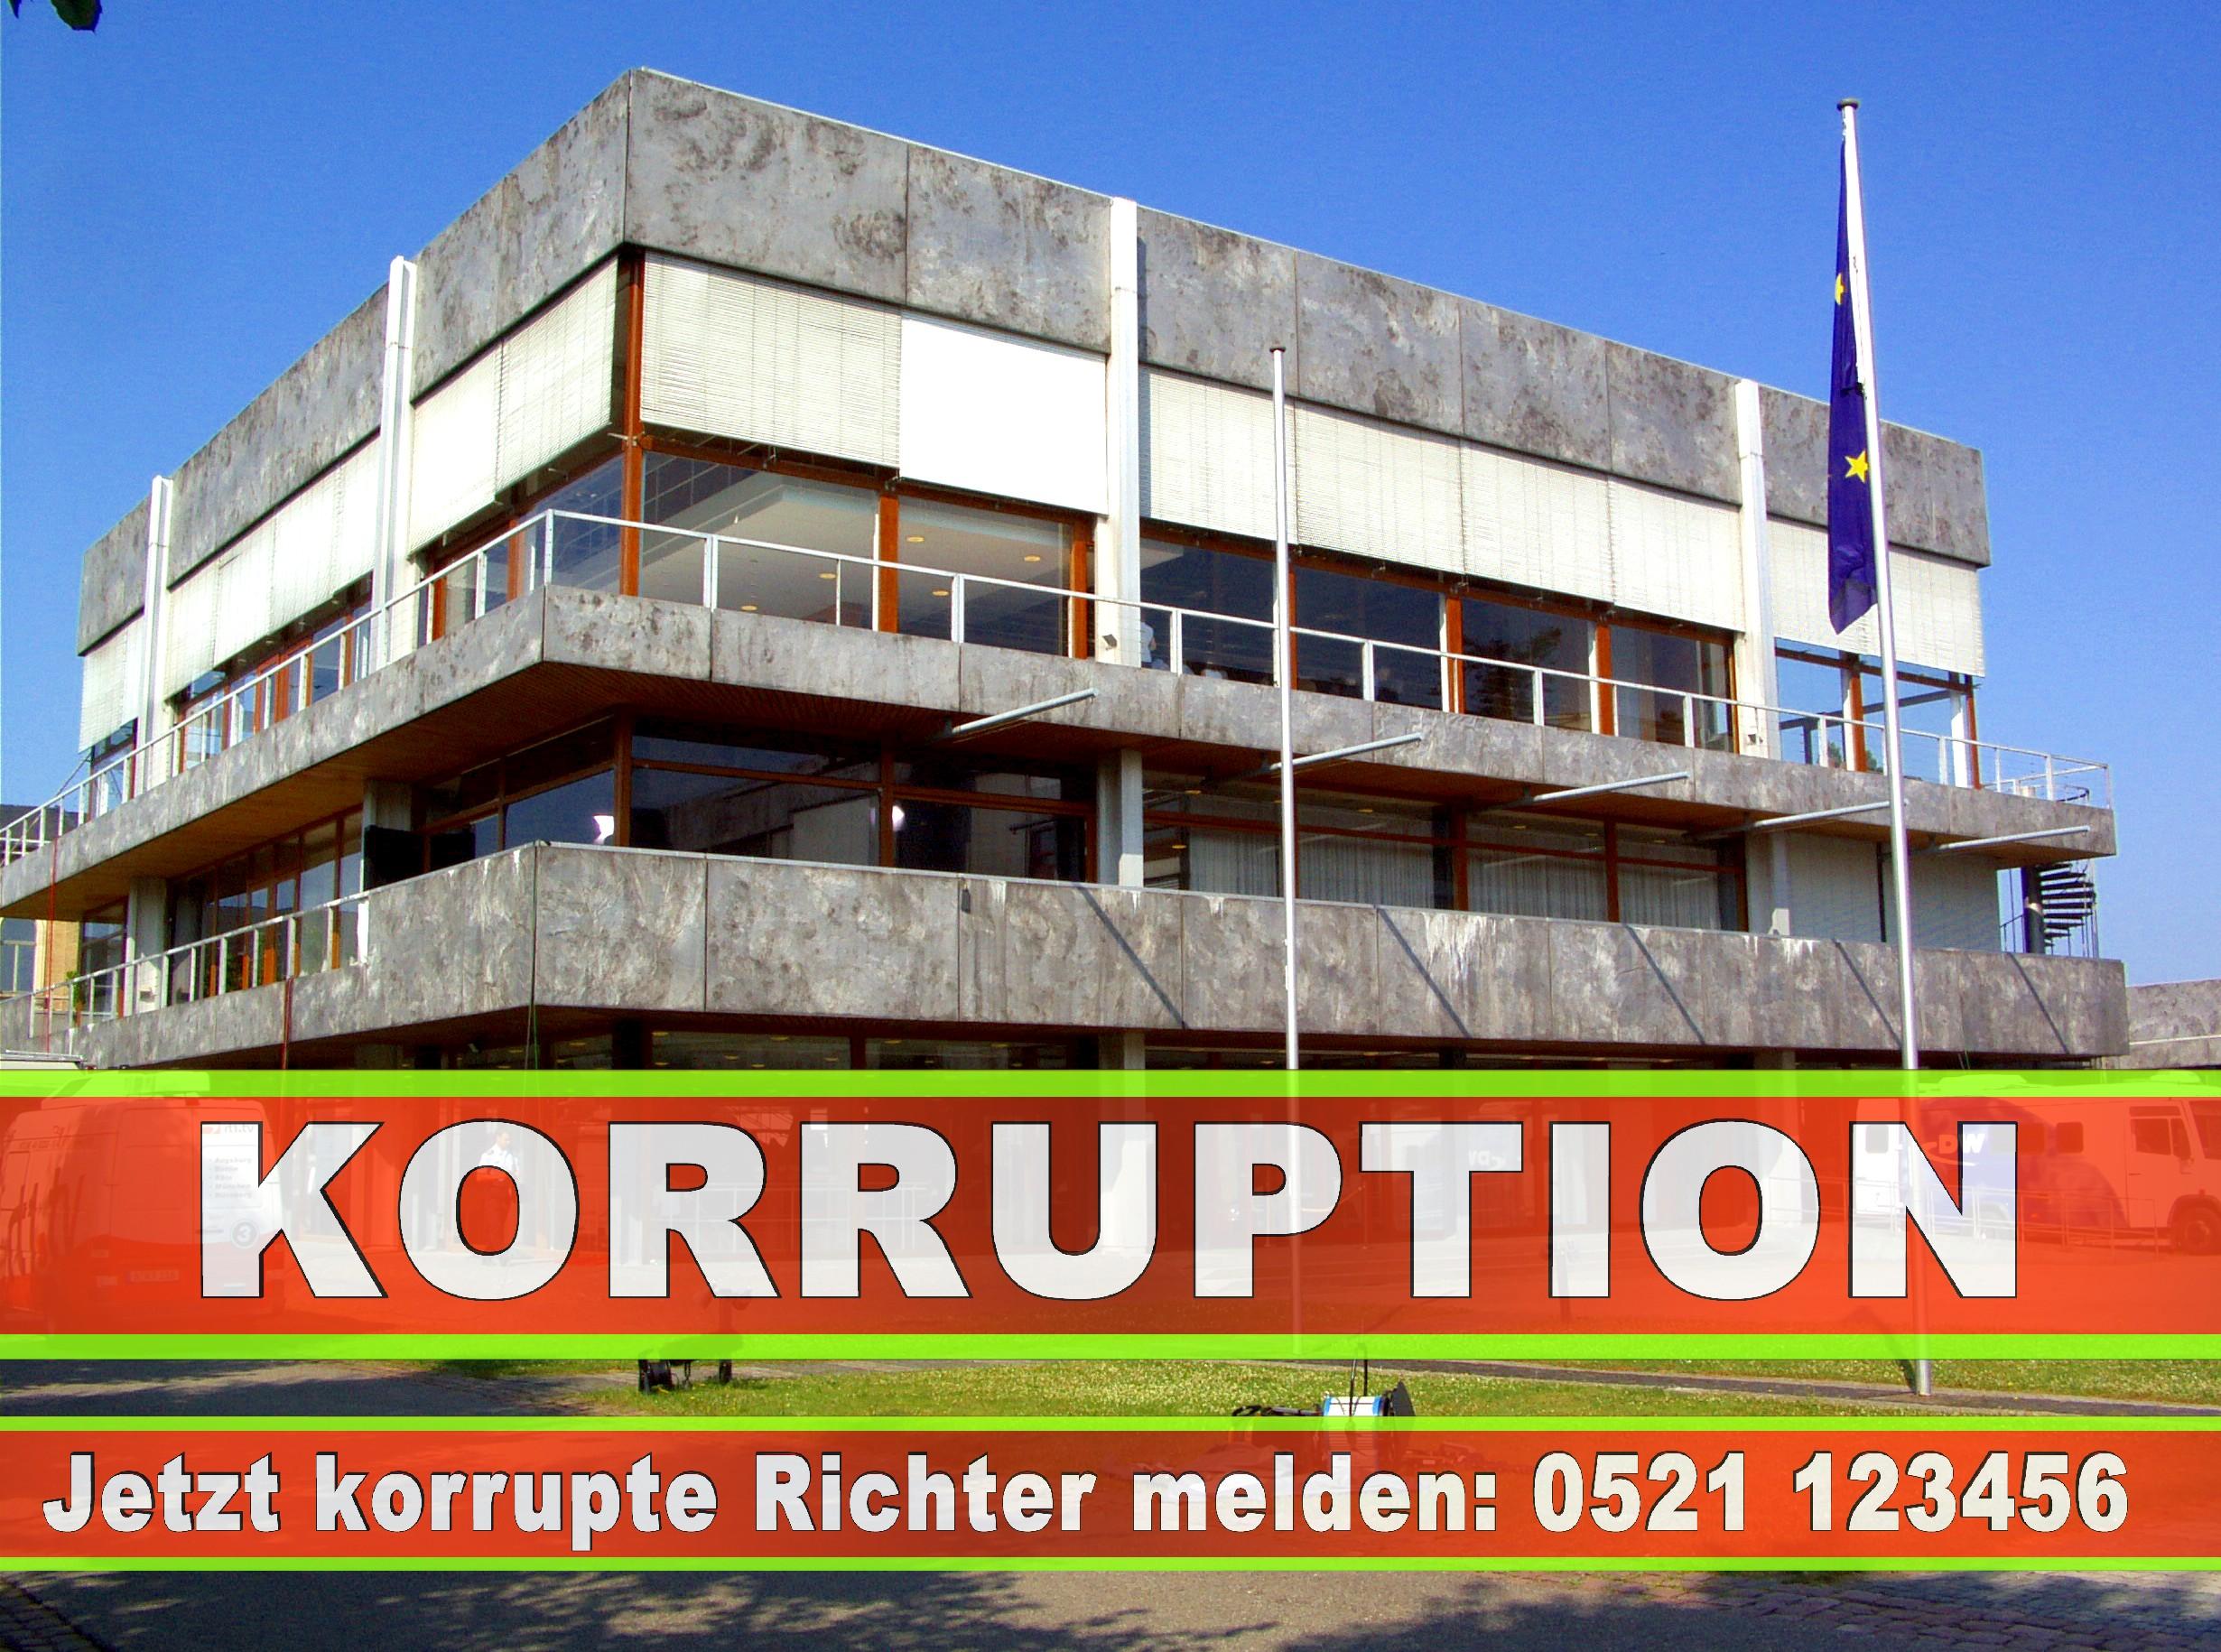 Bundesverfassungsgericht Karlsruhe Richter Korruption Aufgaben Urteile Termine Anfahrt Bilder Fotos Adresse Telefon 4